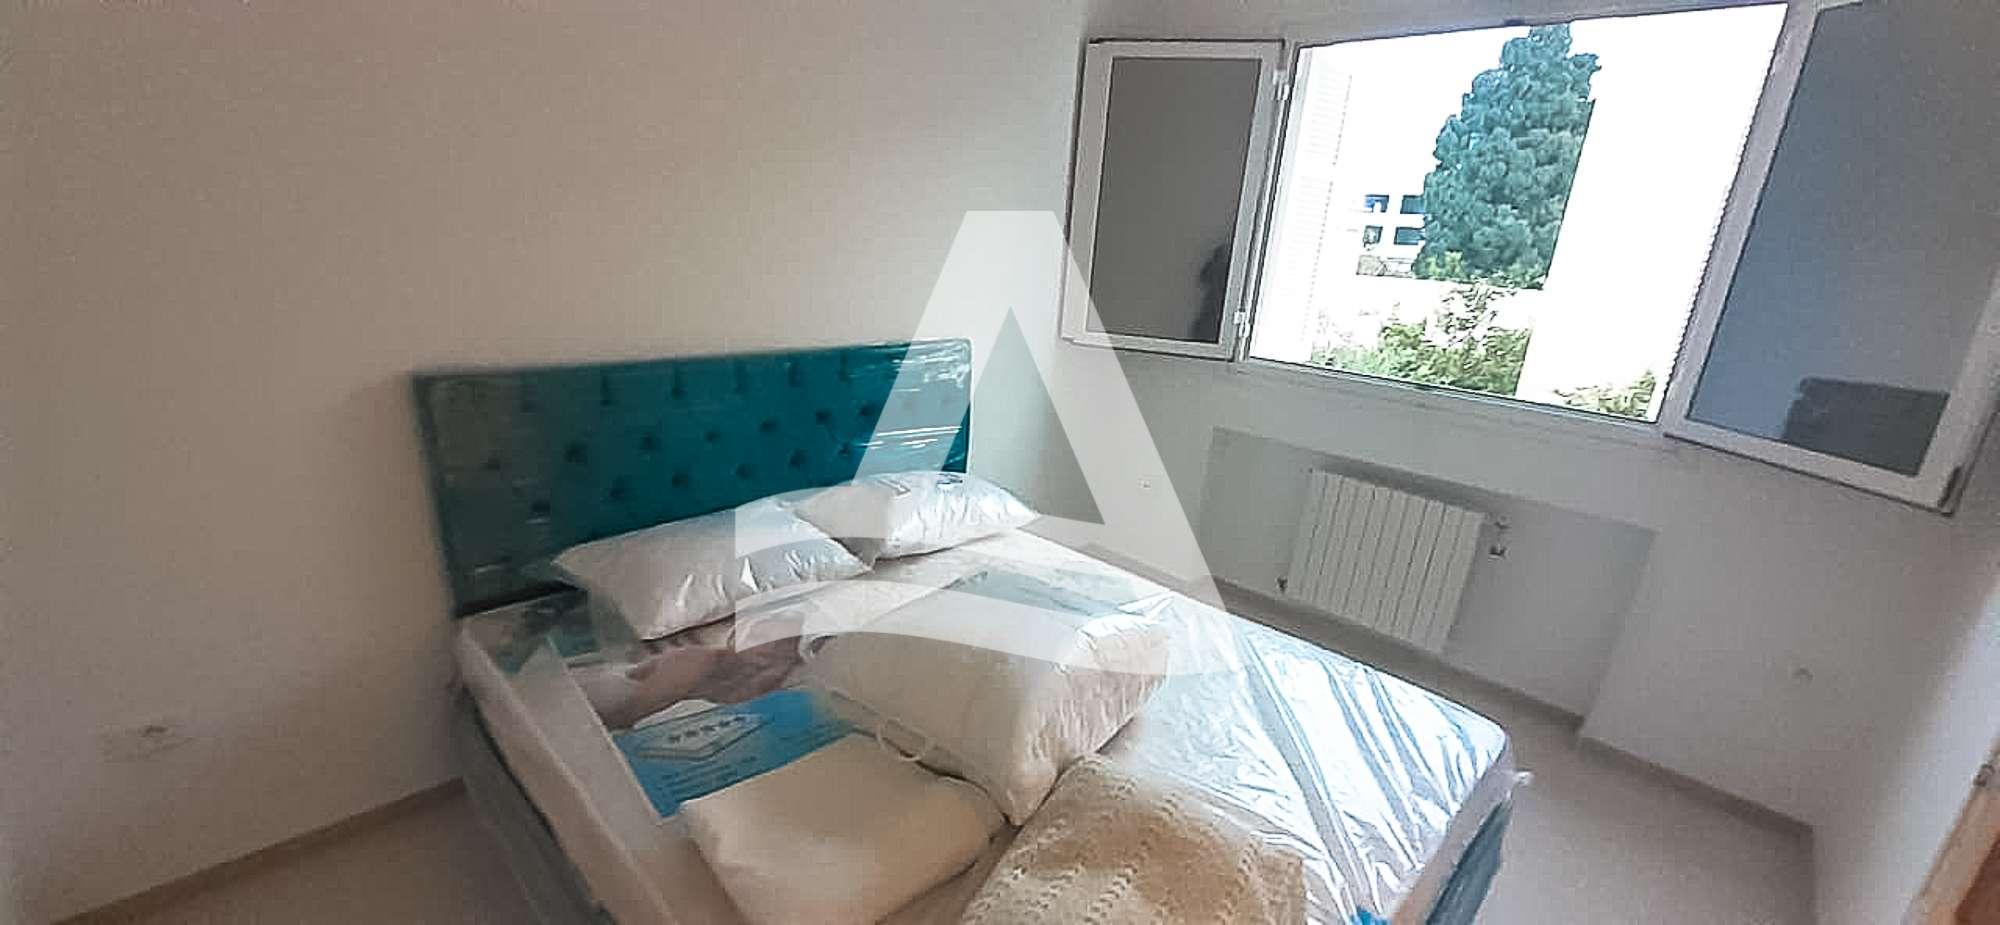 httpss3.amazonaws.comlogimoaws_Arcane_immobilière_la_Marsa-_location_-_vente_la_marsa__-14_1583429653032